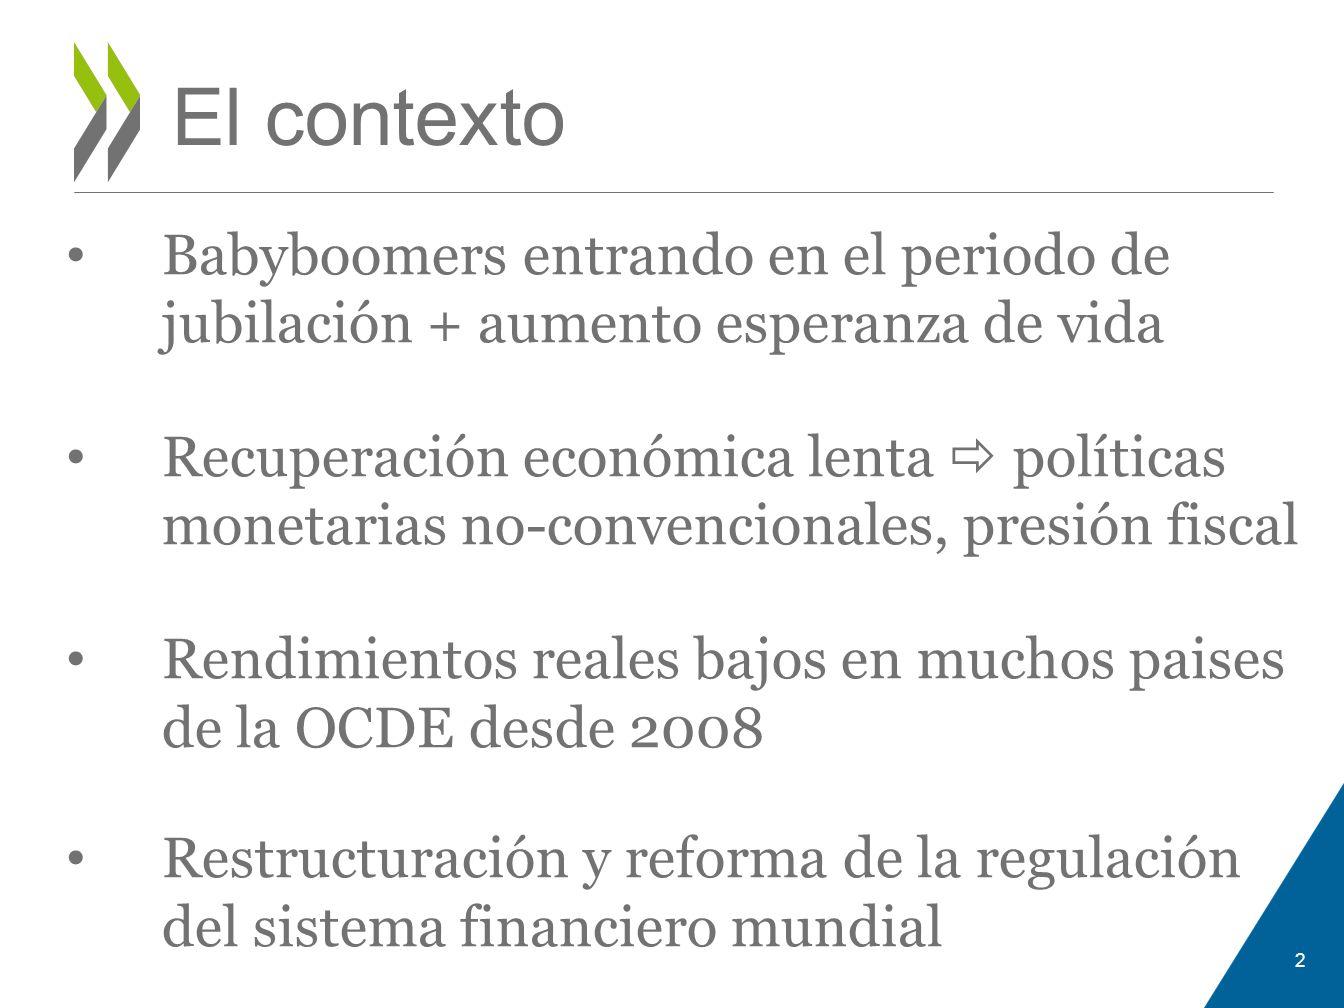 El contexto Babyboomers entrando en el periodo de jubilación + aumento esperanza de vida.